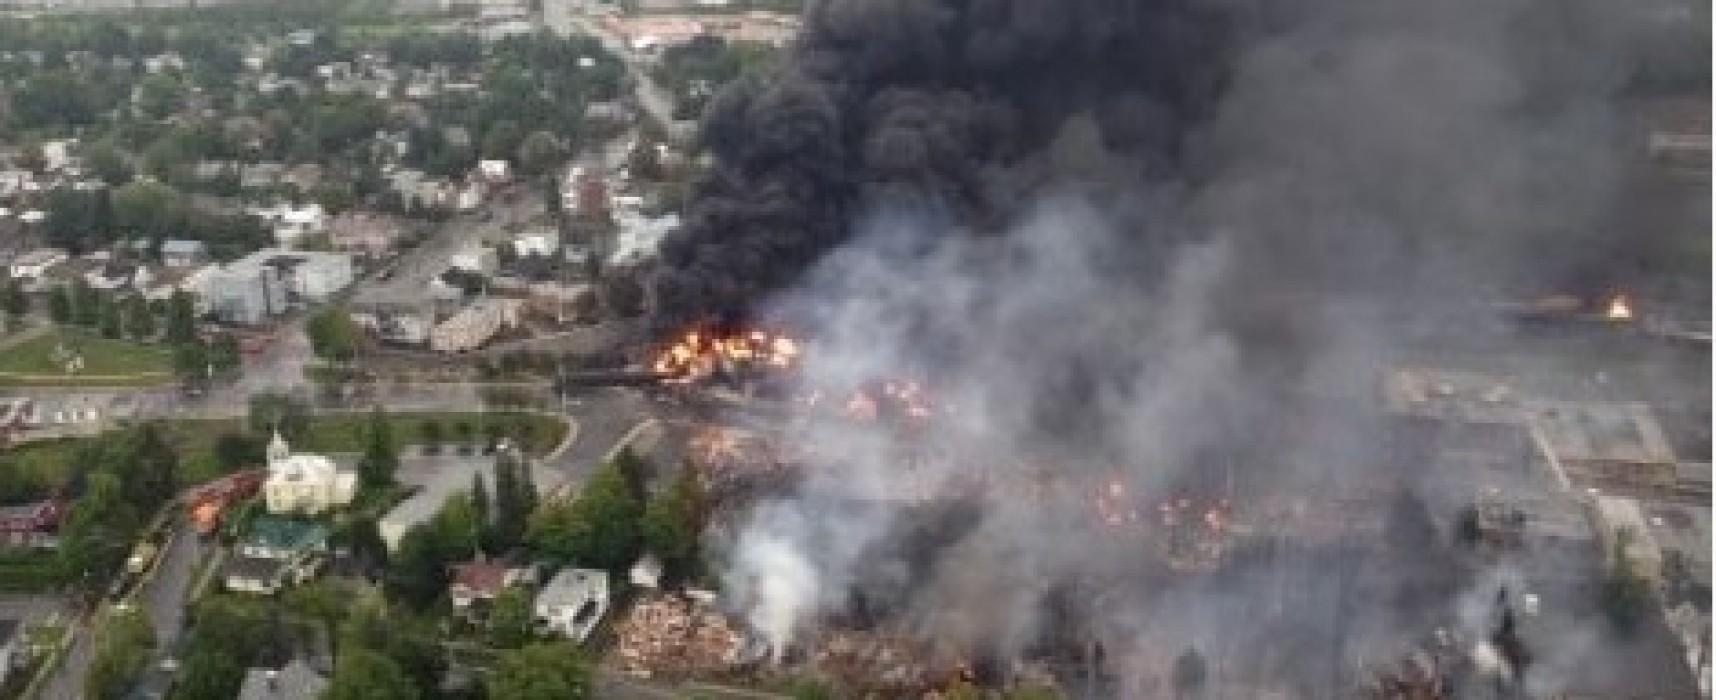 Фото Квебека после аварии состава с горючим представили как Славянск